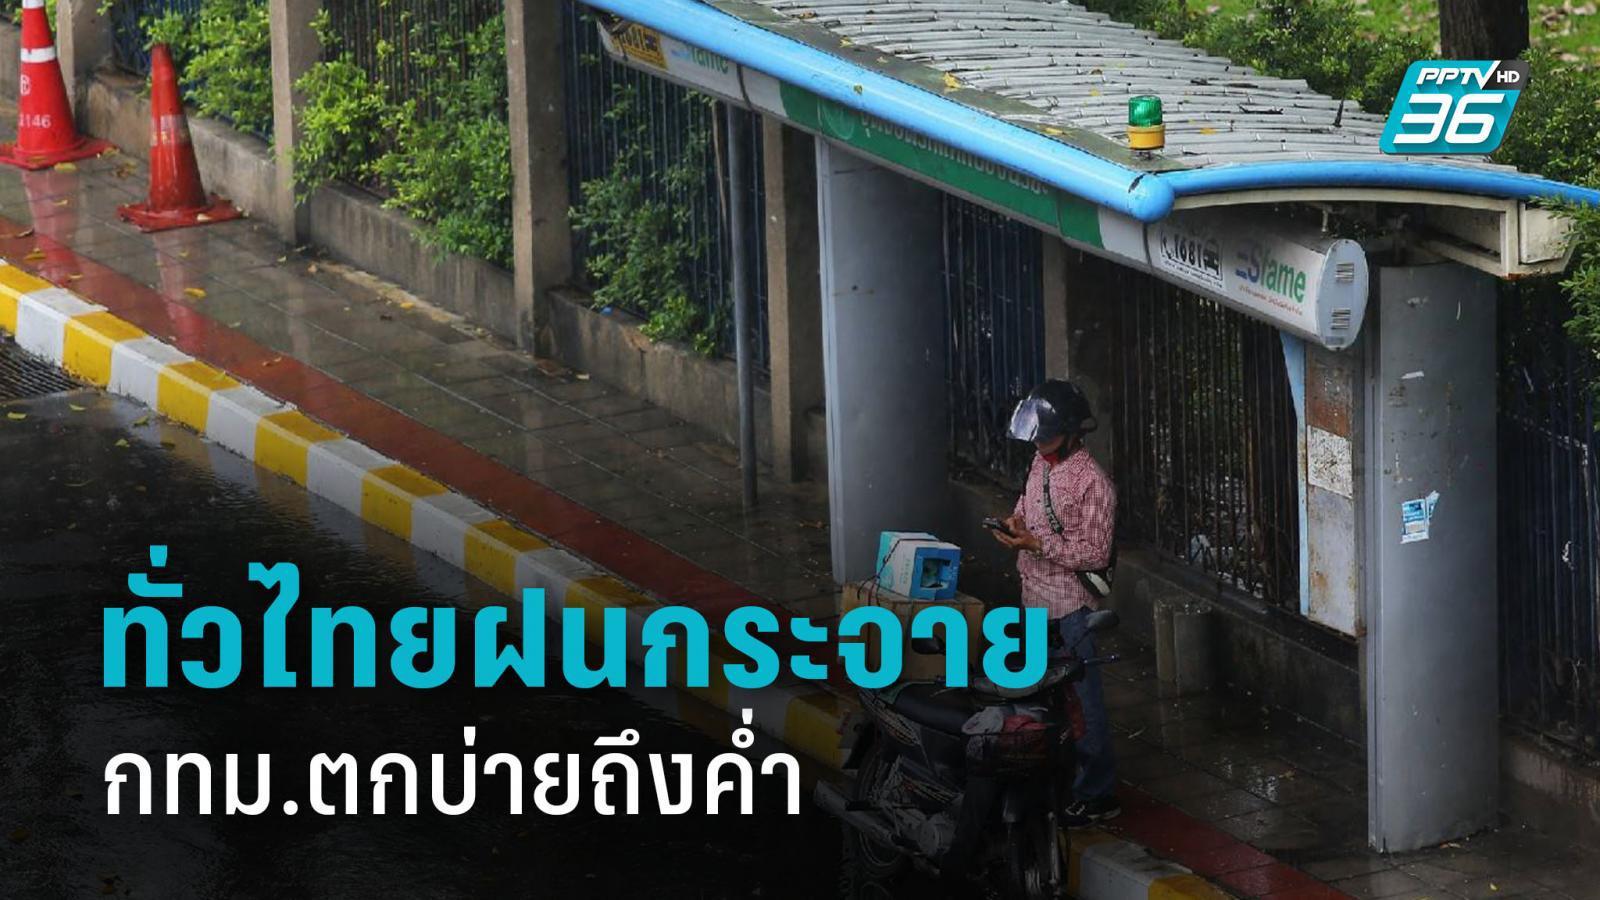 ภาคเหนือ - อีสาน ฝนตกหนักบางพื้นที่  กทม.ปริมณฑล ฝน 20% ช่วงบ่ายถึงค่ำ